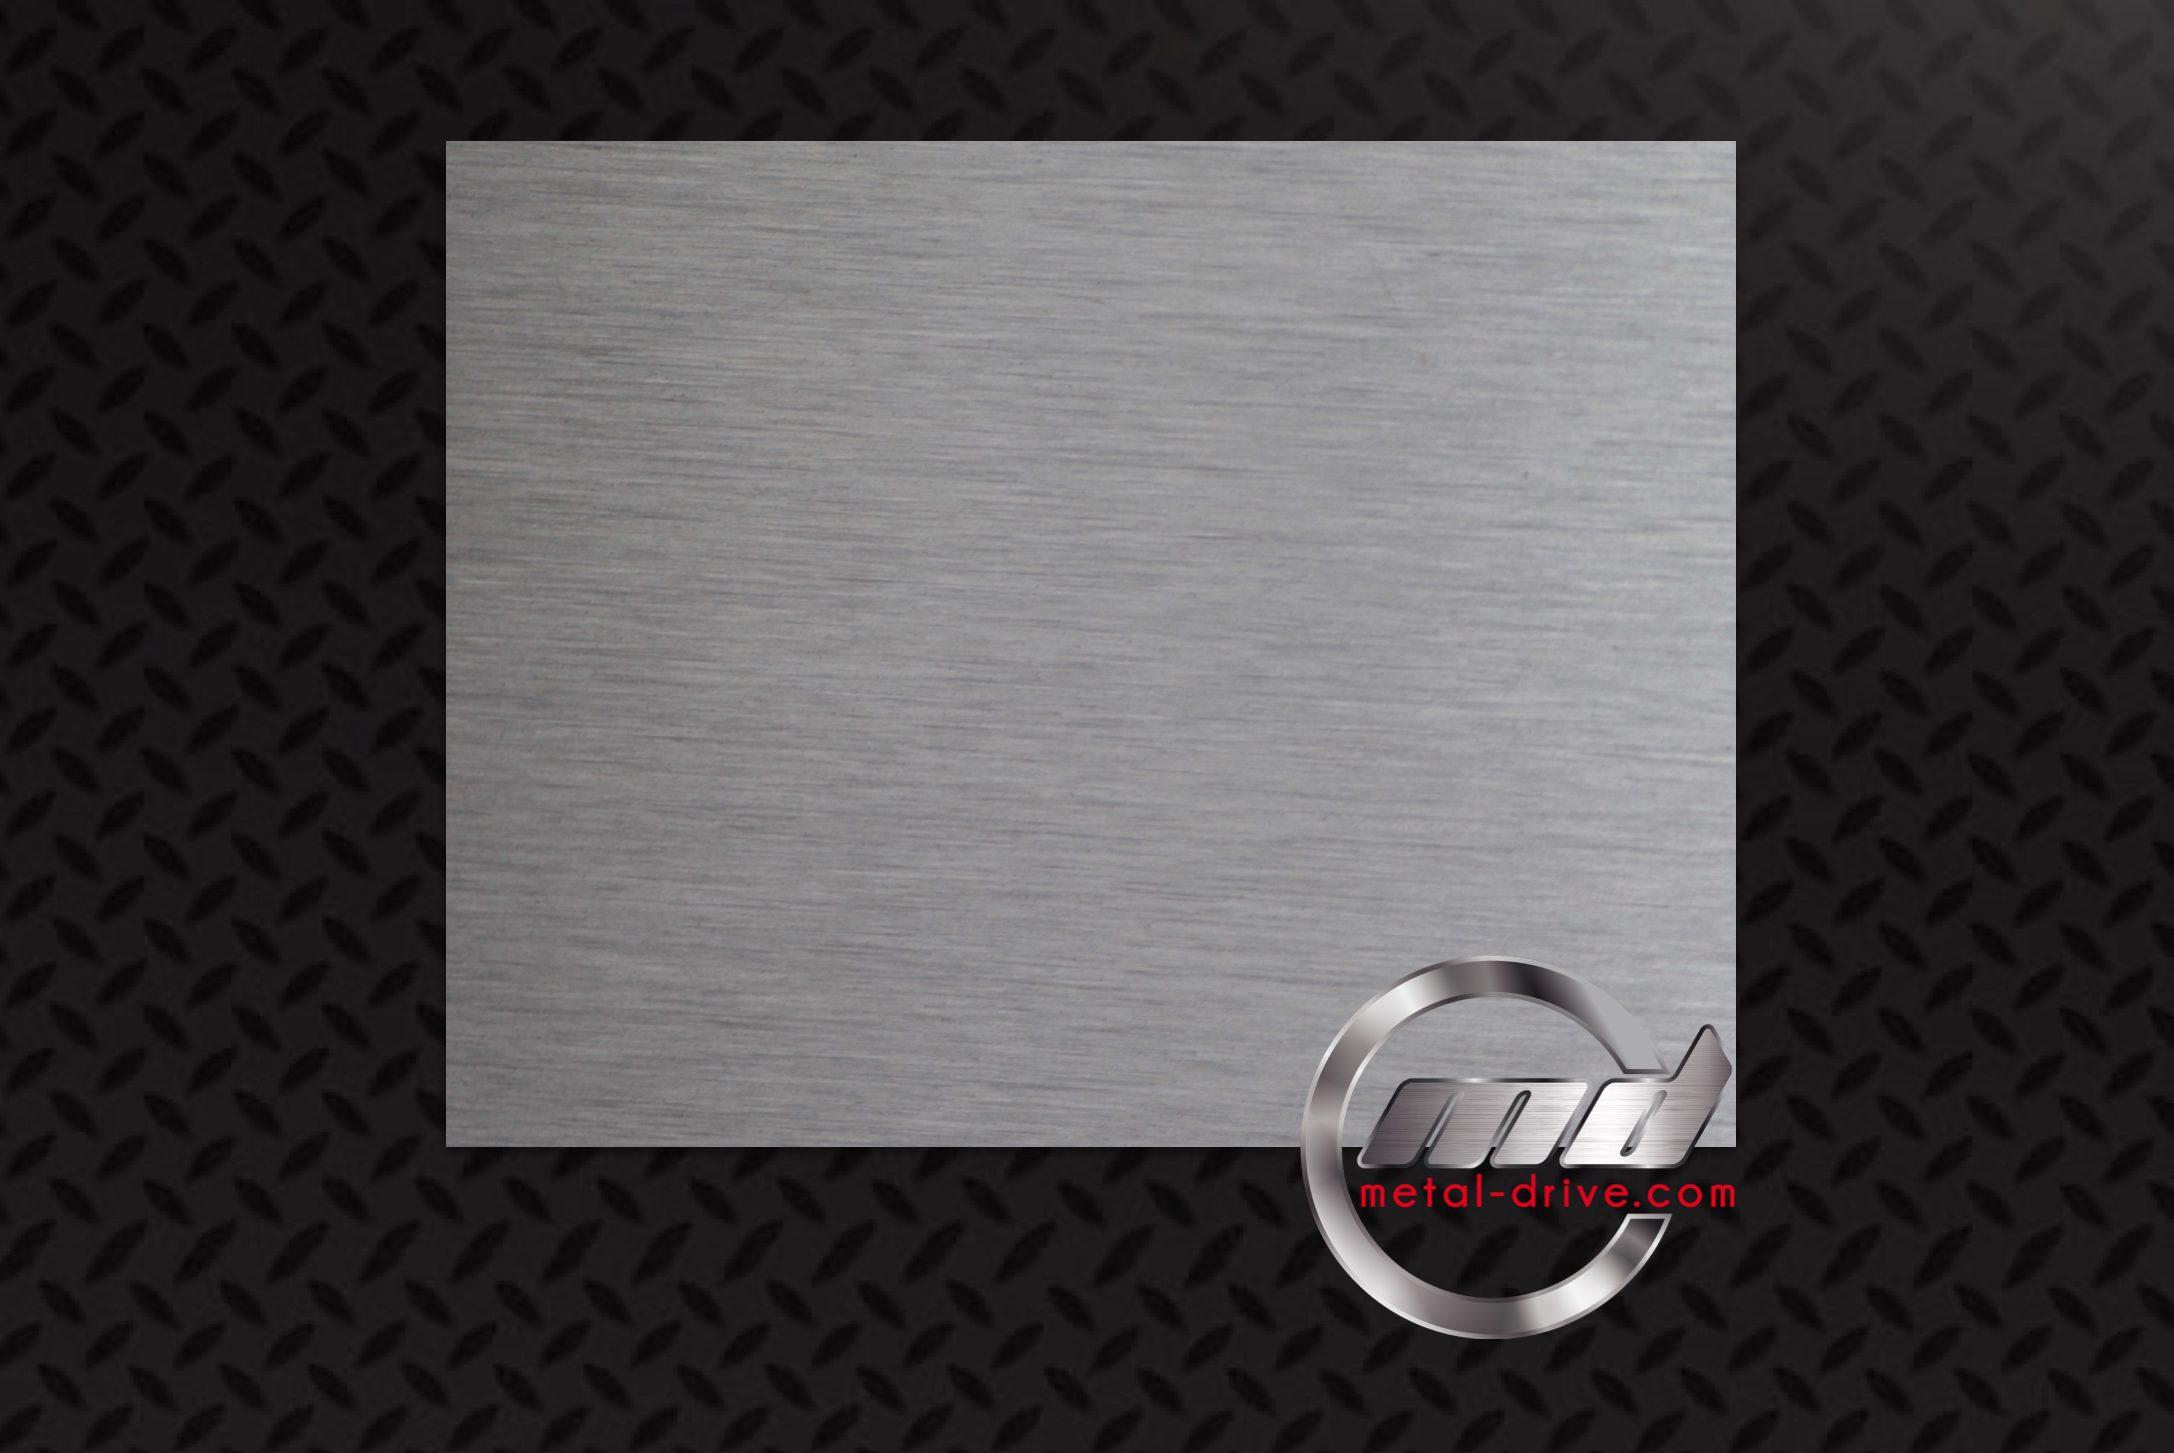 inox 316l haute r sistance corrosive bross poli grain. Black Bedroom Furniture Sets. Home Design Ideas